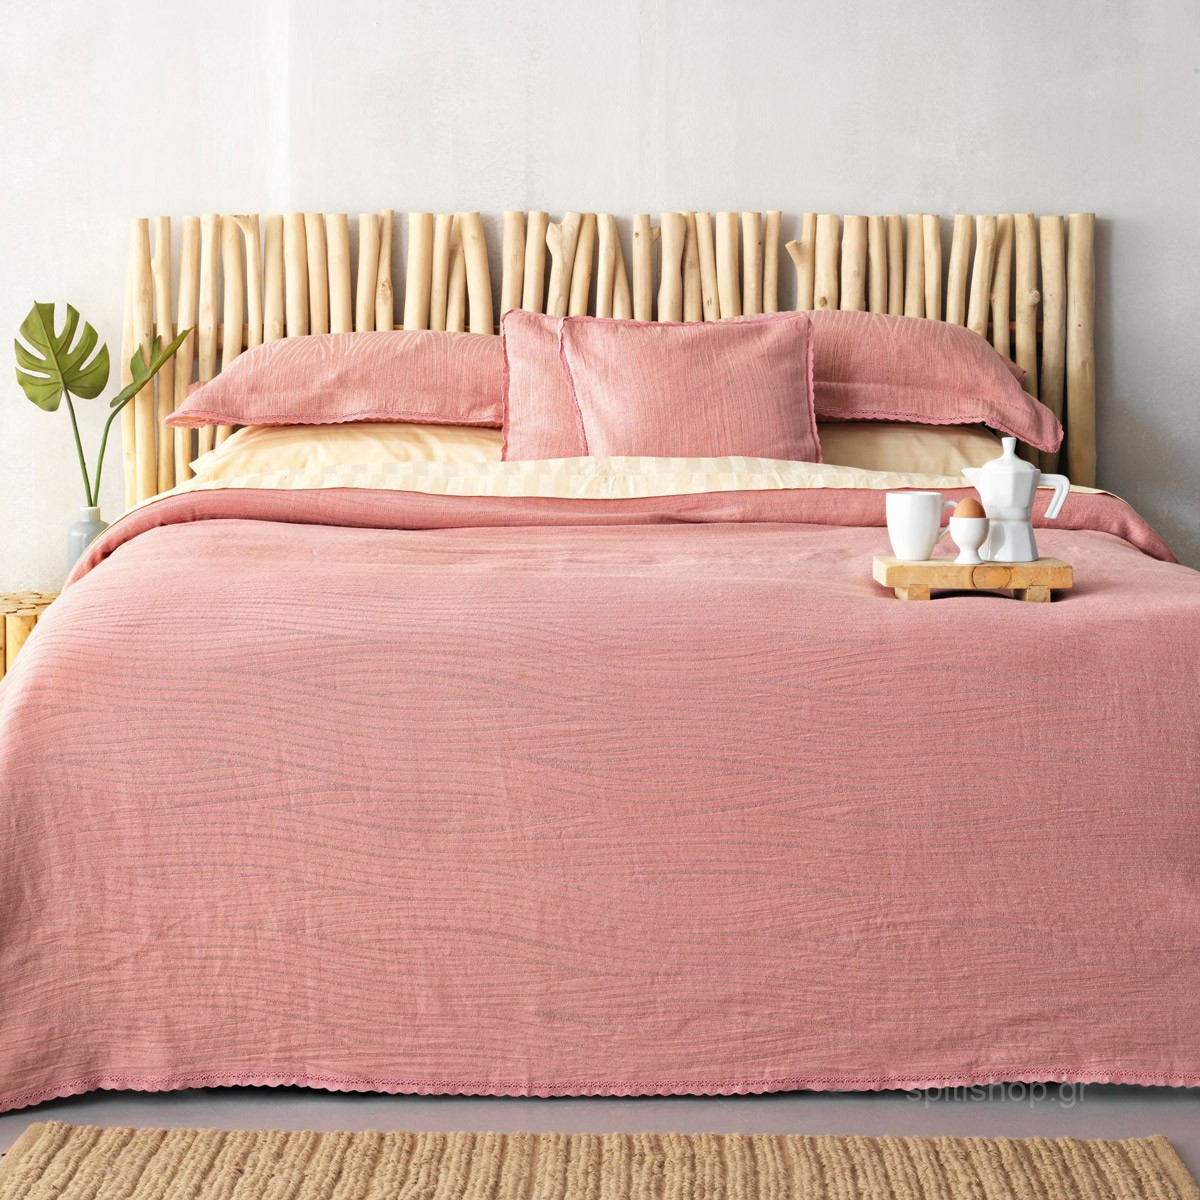 Διακοσμητική Μαξιλαροθήκη Palamaiki Daily 1099 Dark Pink